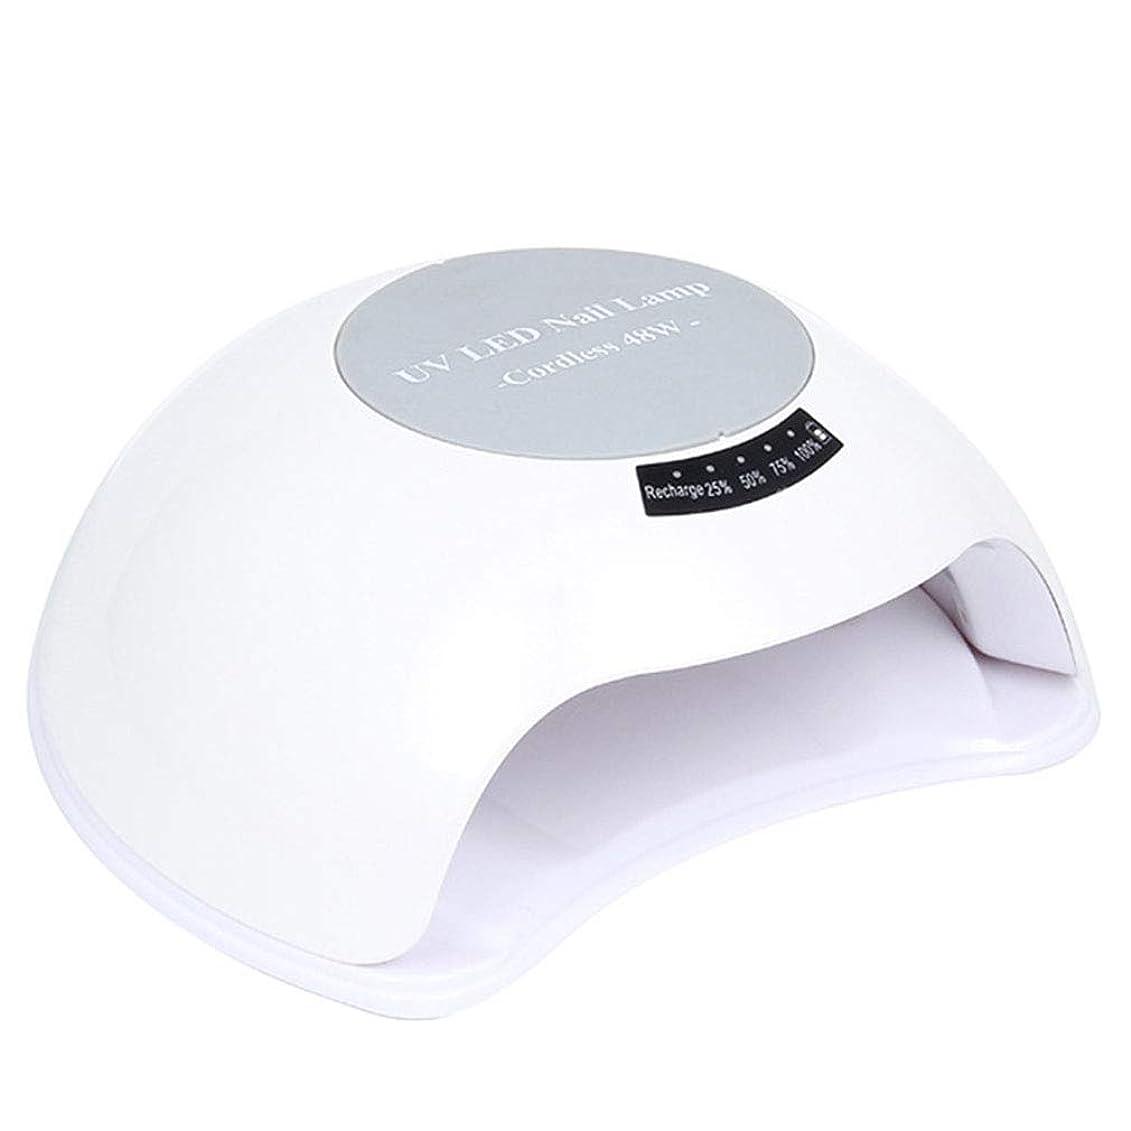 ジェルネイル用UVランプ、48Wネイルドライヤーセンサー90sタイマー付きネイル用UV / LEDランプ、すべてのジェルに適した取り外し可能な磁性プレート,White